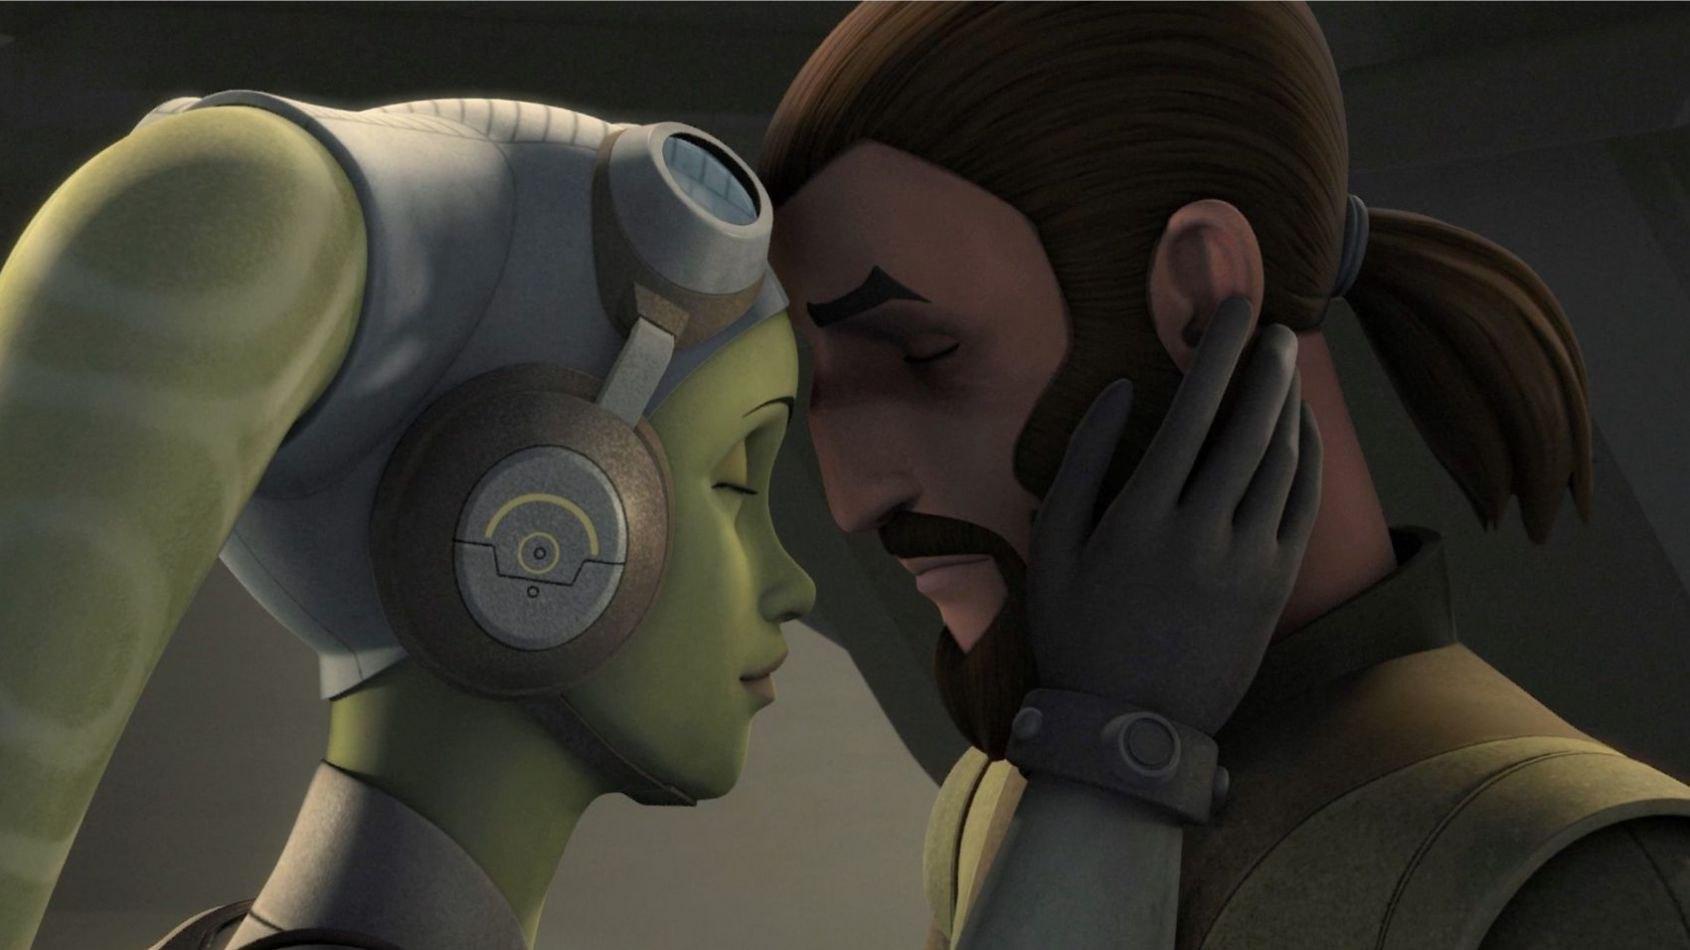 Le final de Star Wars Rebels diffusé en 2018